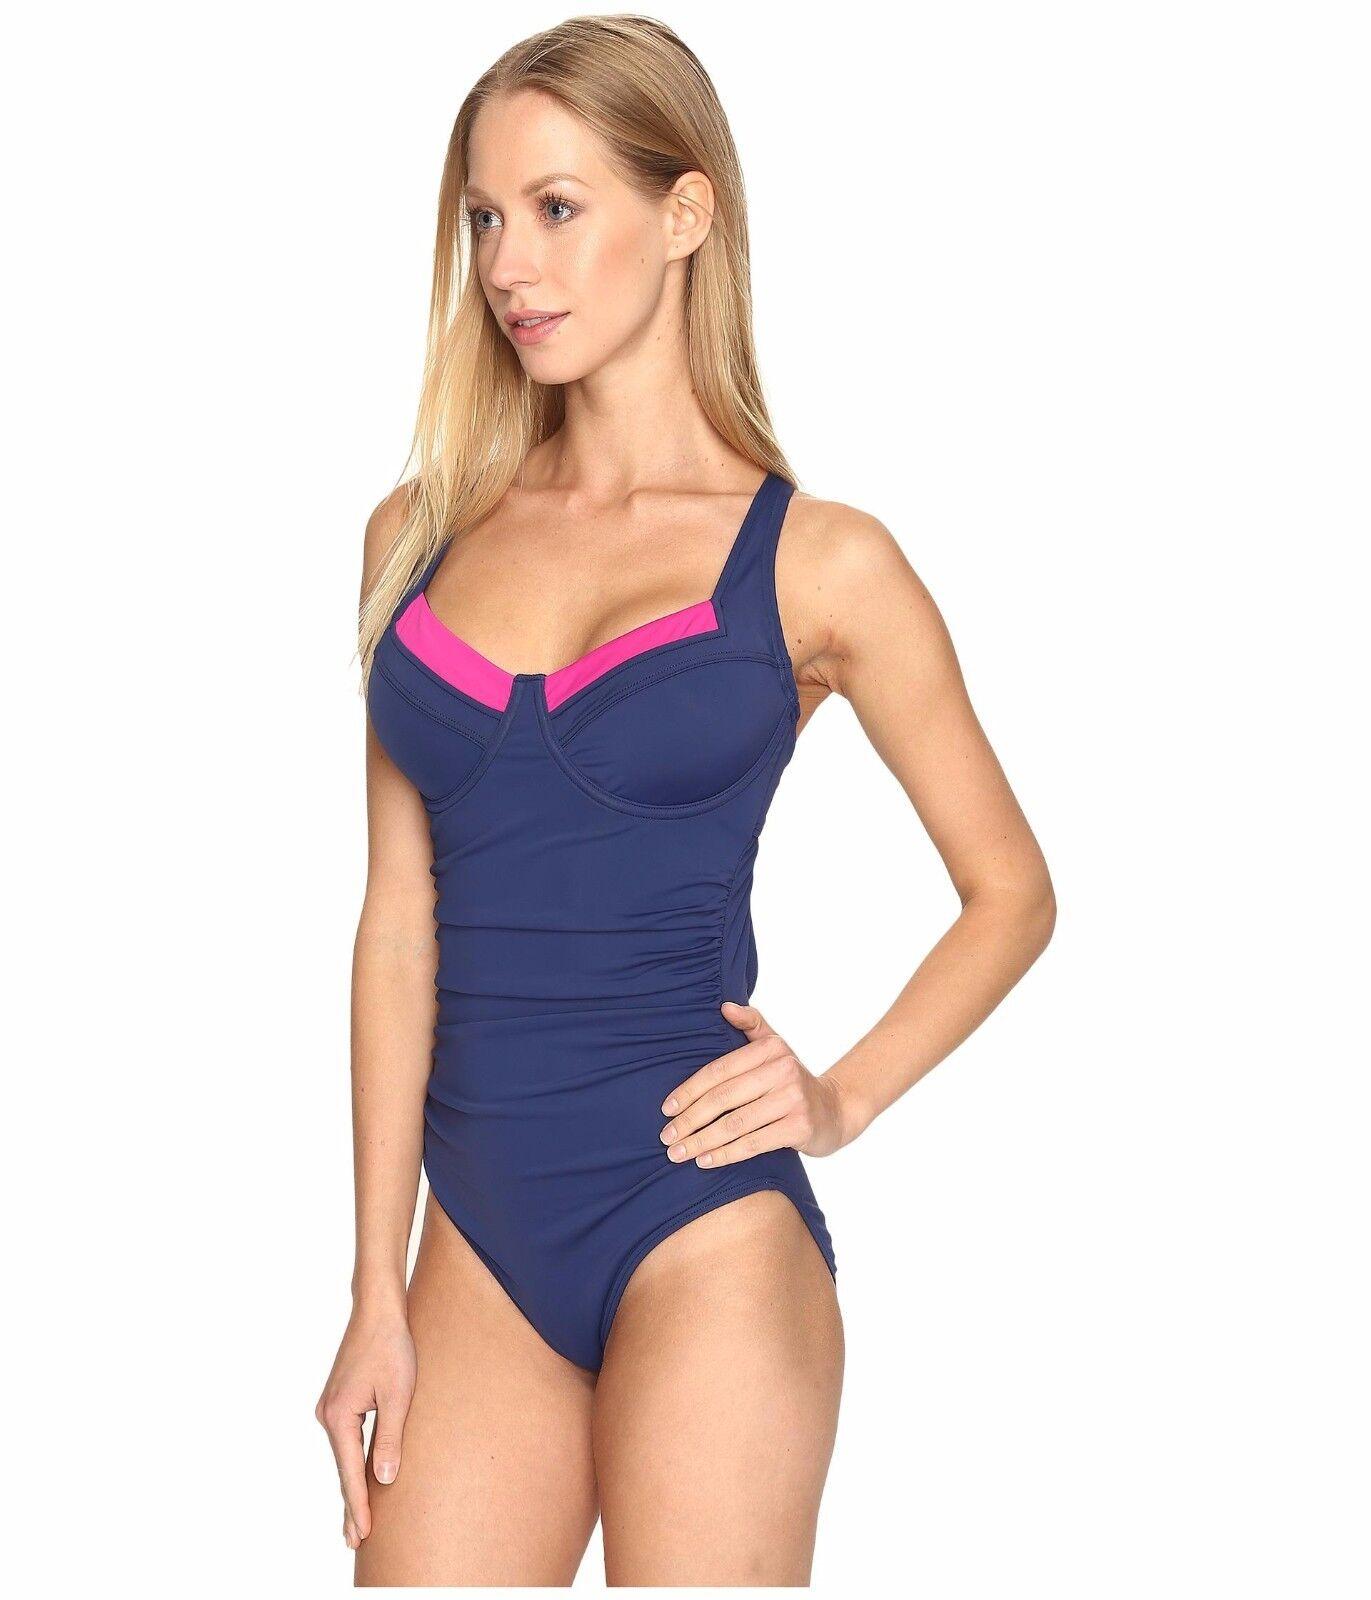 Lole Women's Guajira One-Piece Dark Spectrum Swimsuit  SZ S